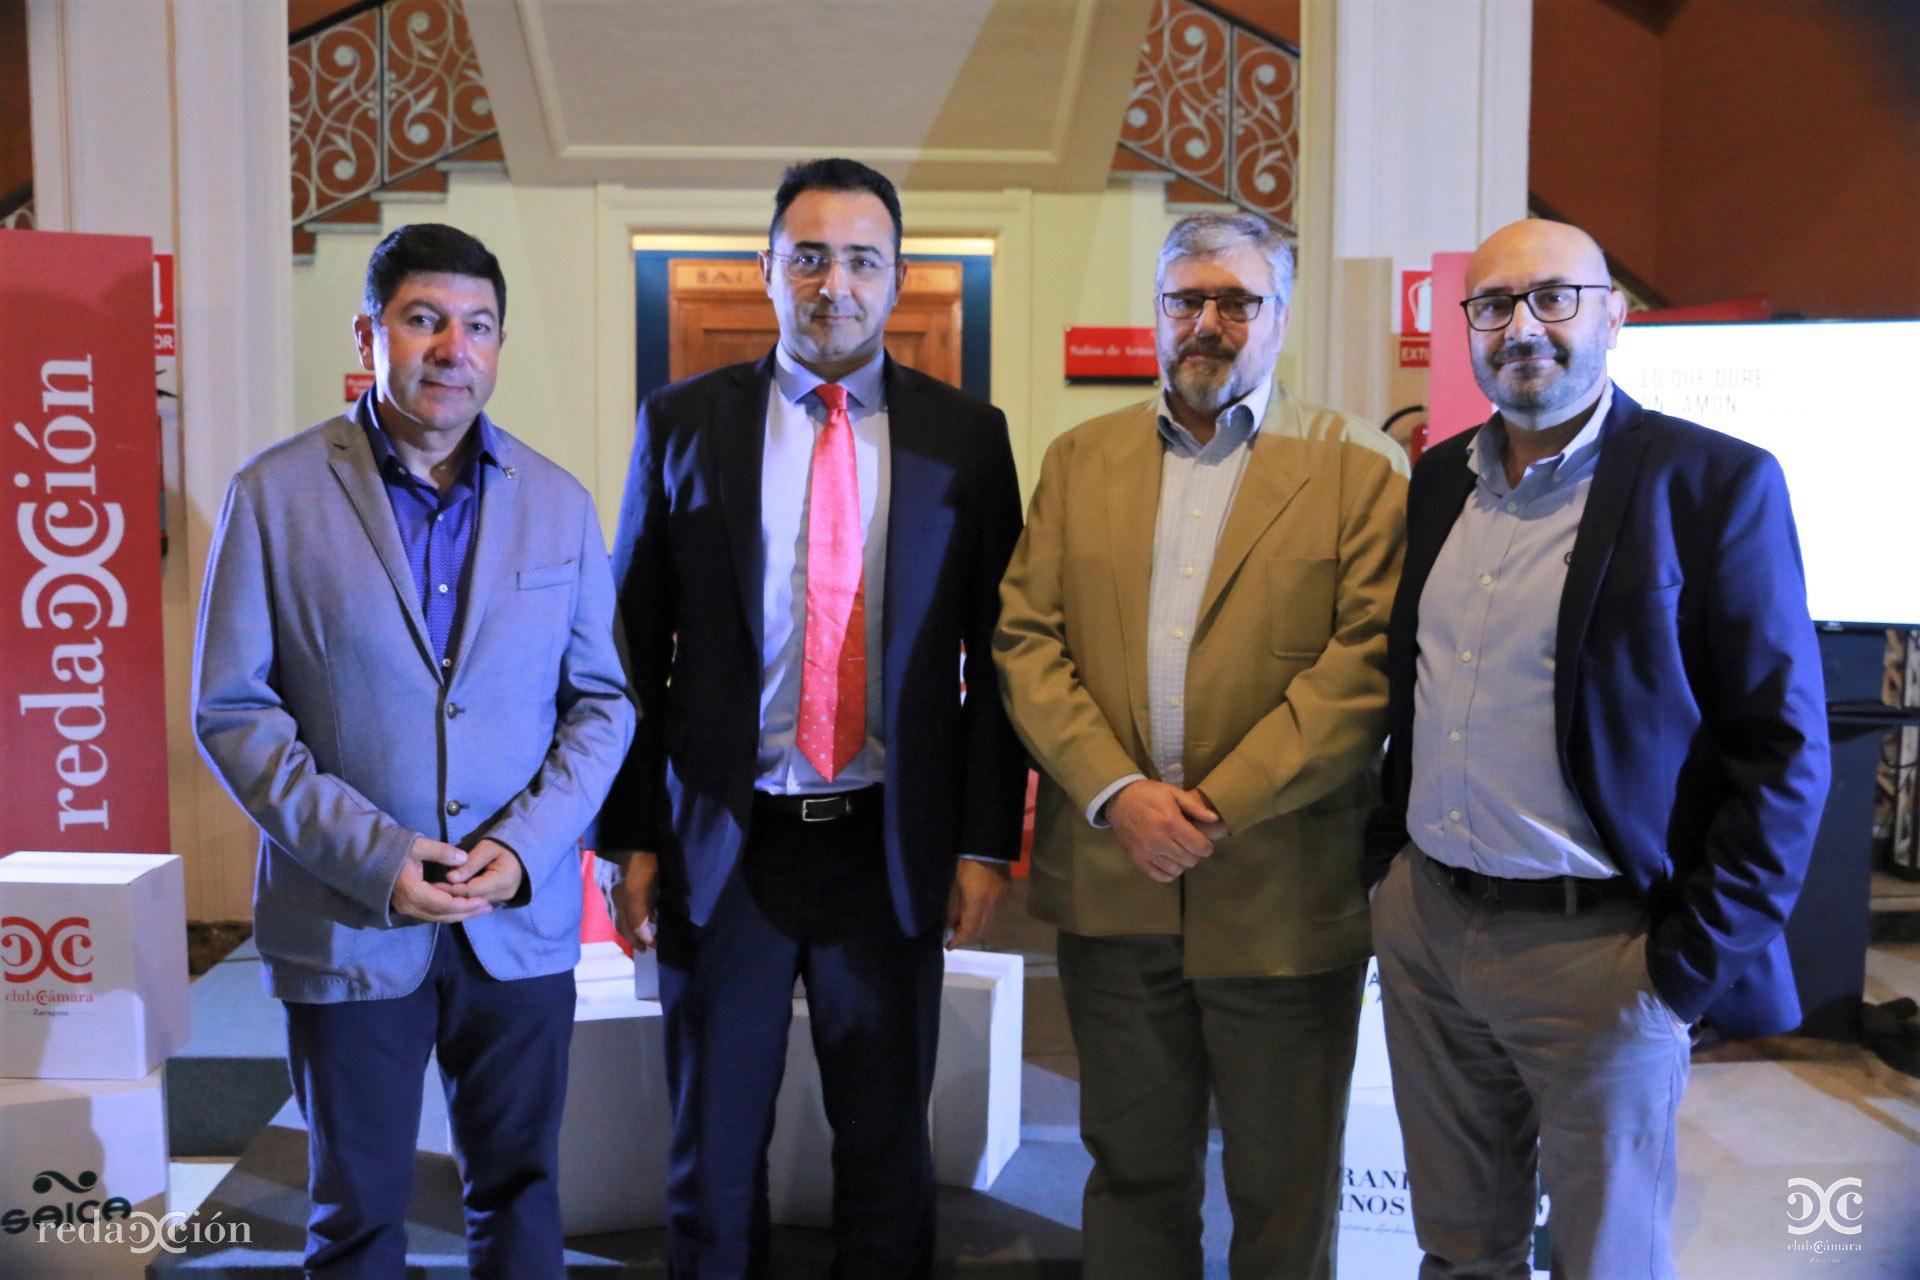 Armando Mateos, Daniel Álvarez, Juan Manuel Ubiergo y Ramón Añaños.